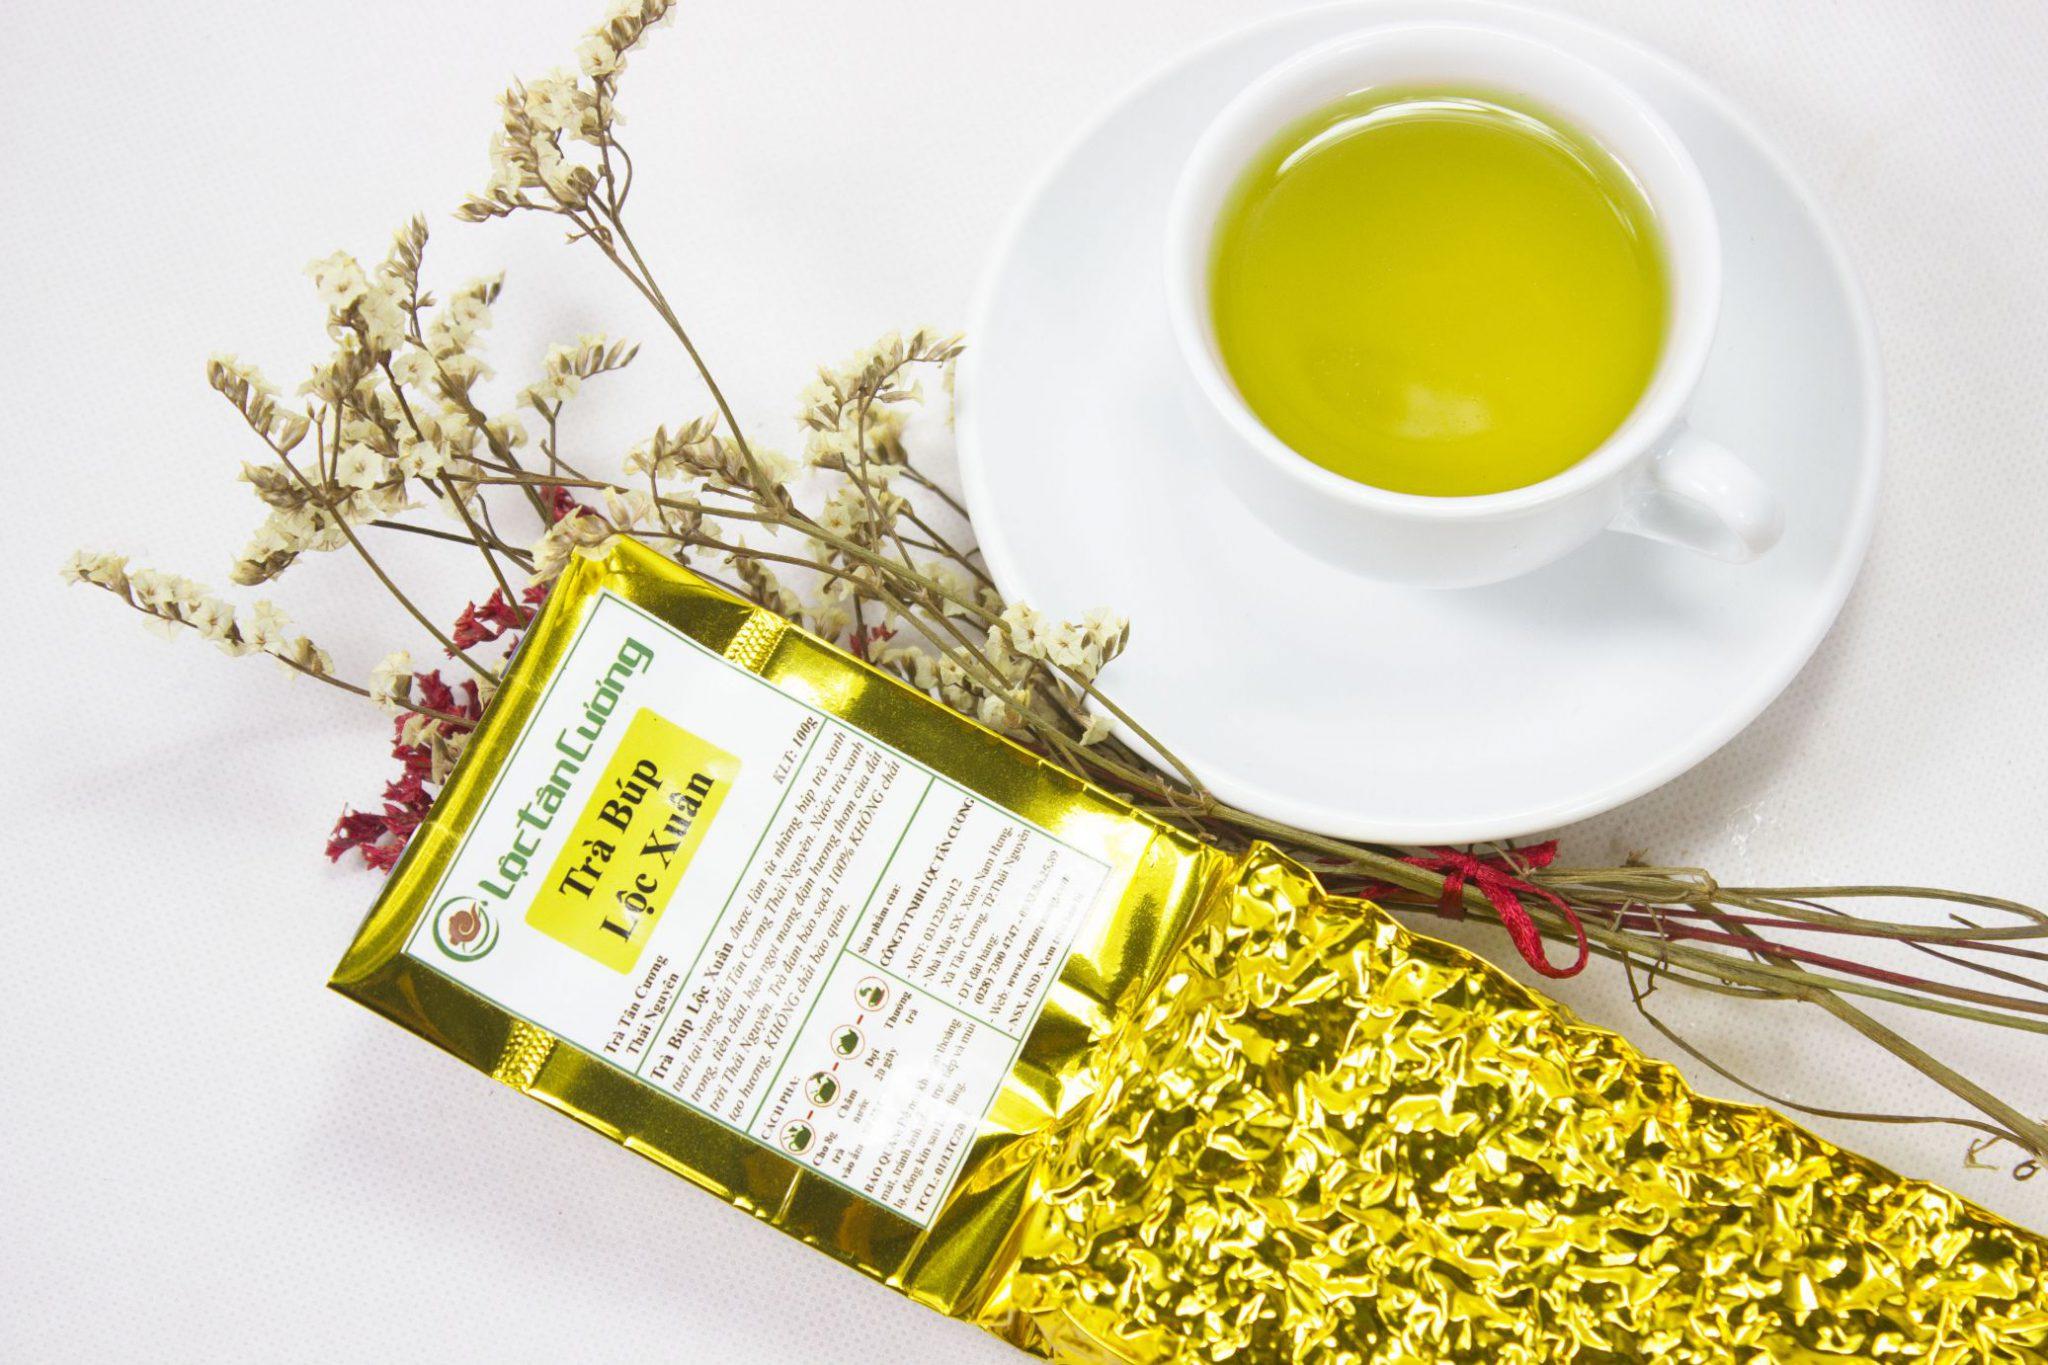 Ly trà búp vàng óng, phản phất hương cốm non đặc trưng